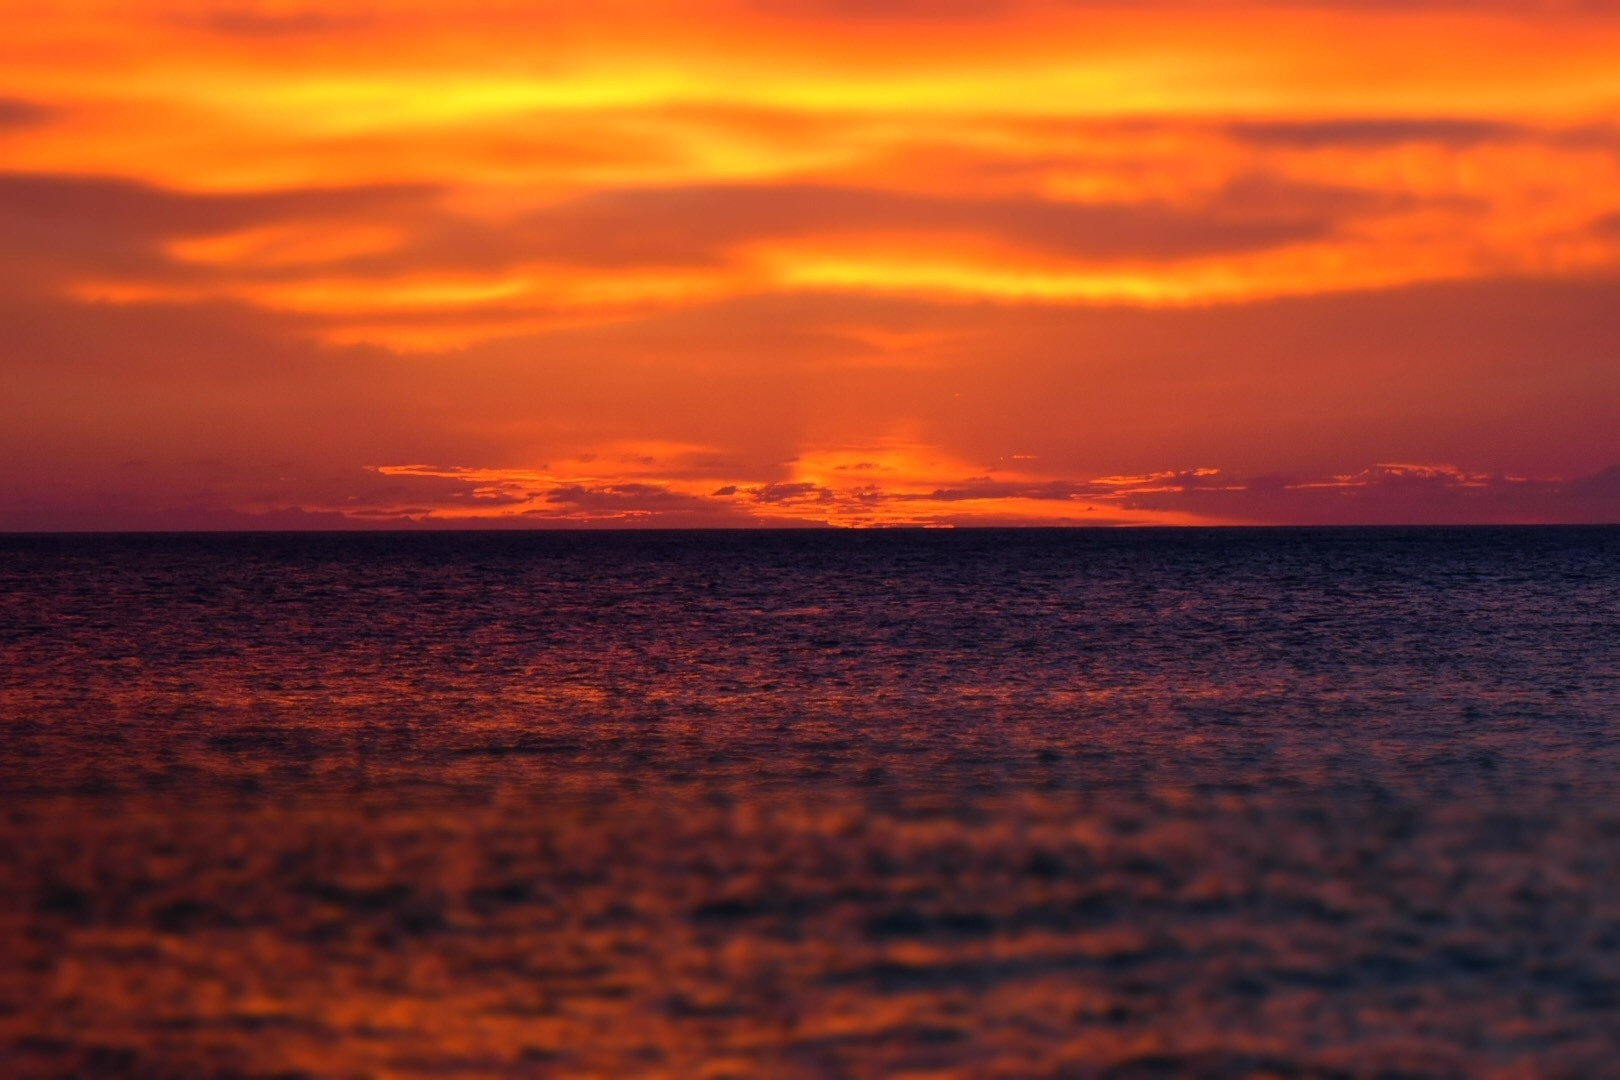 Kawela Bay, Hawaii, United States of America